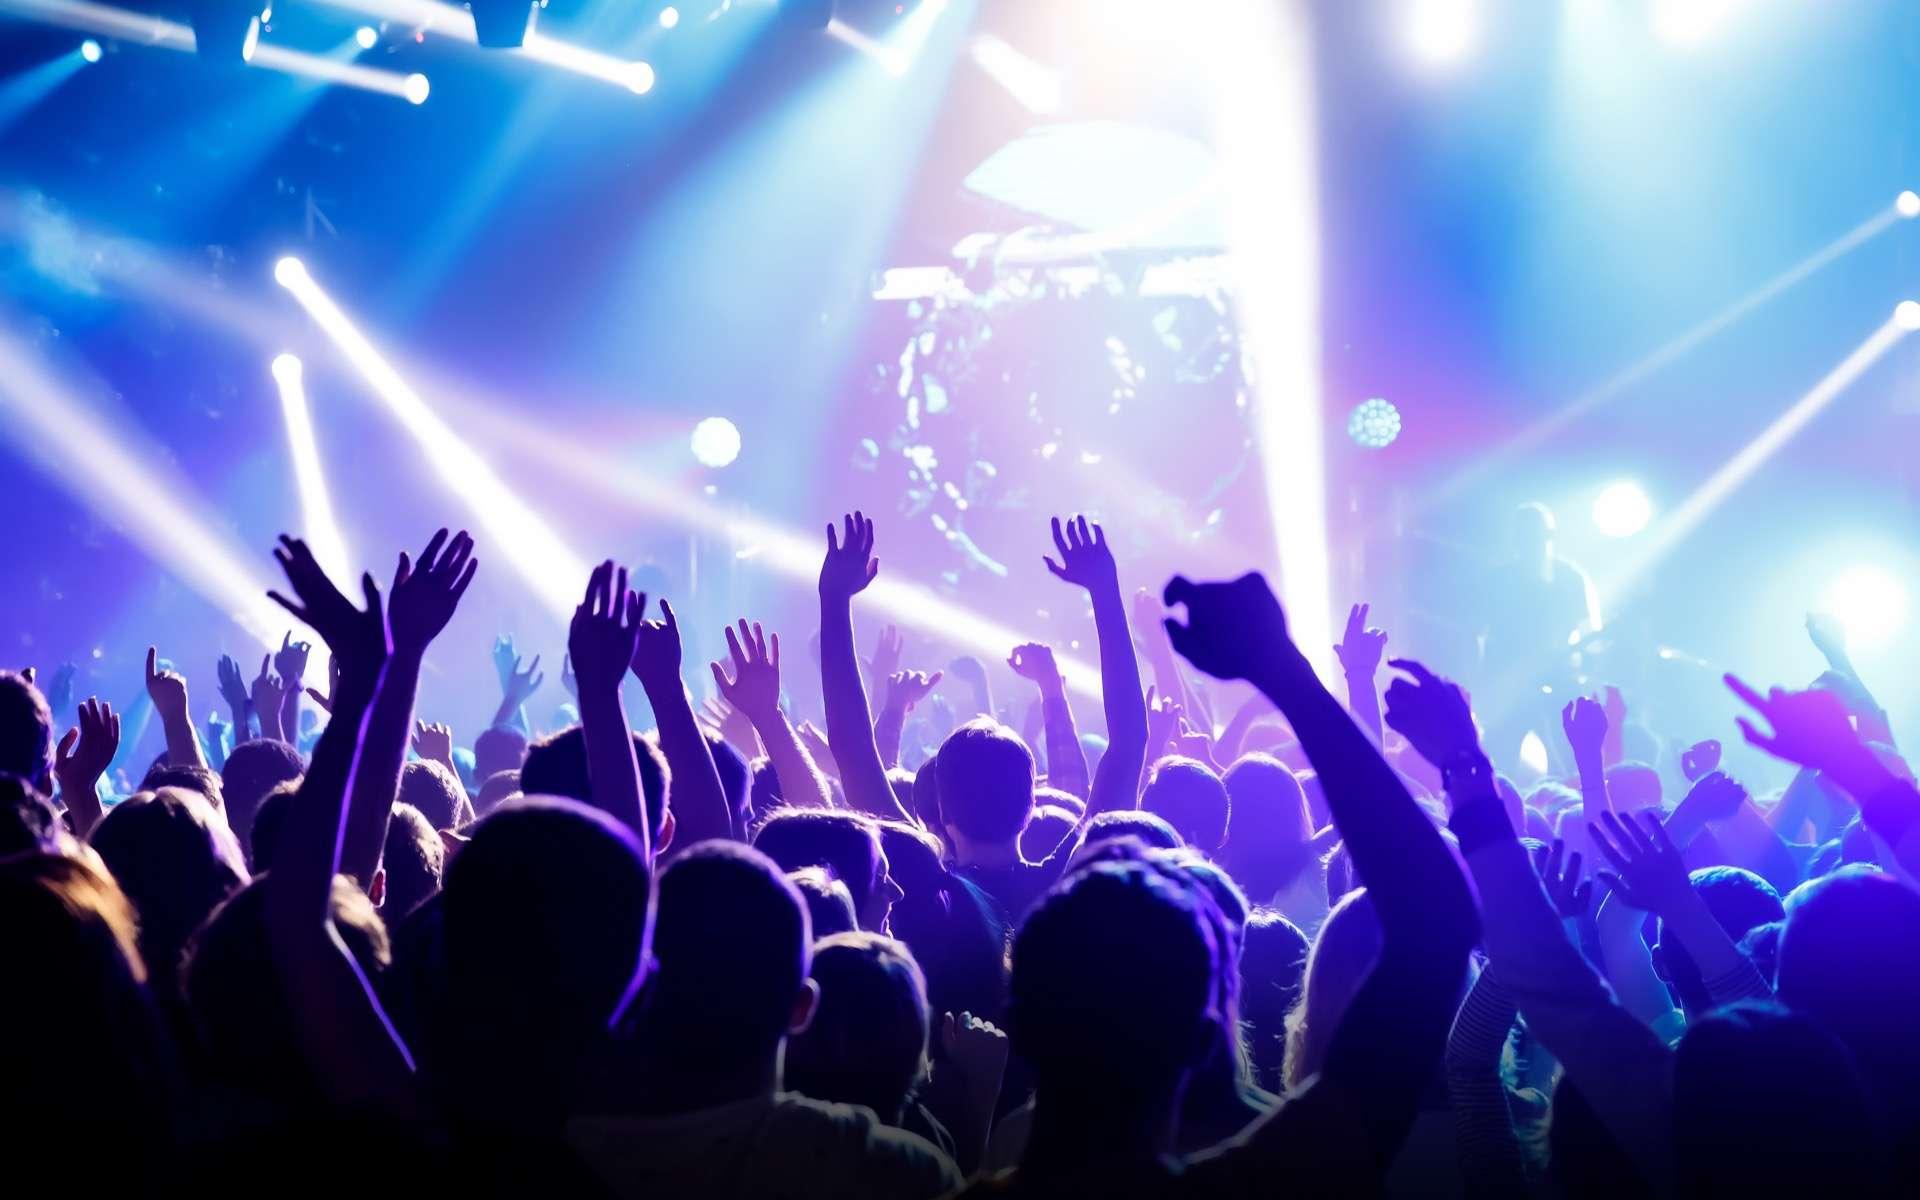 Les organisateurs du concert-test, à Barcelone, voulaient prouver que bien, encadrée, l'expérience d'un tel événement est possible malgré la Covid-19. © 9parusnikov , Adobe Stock